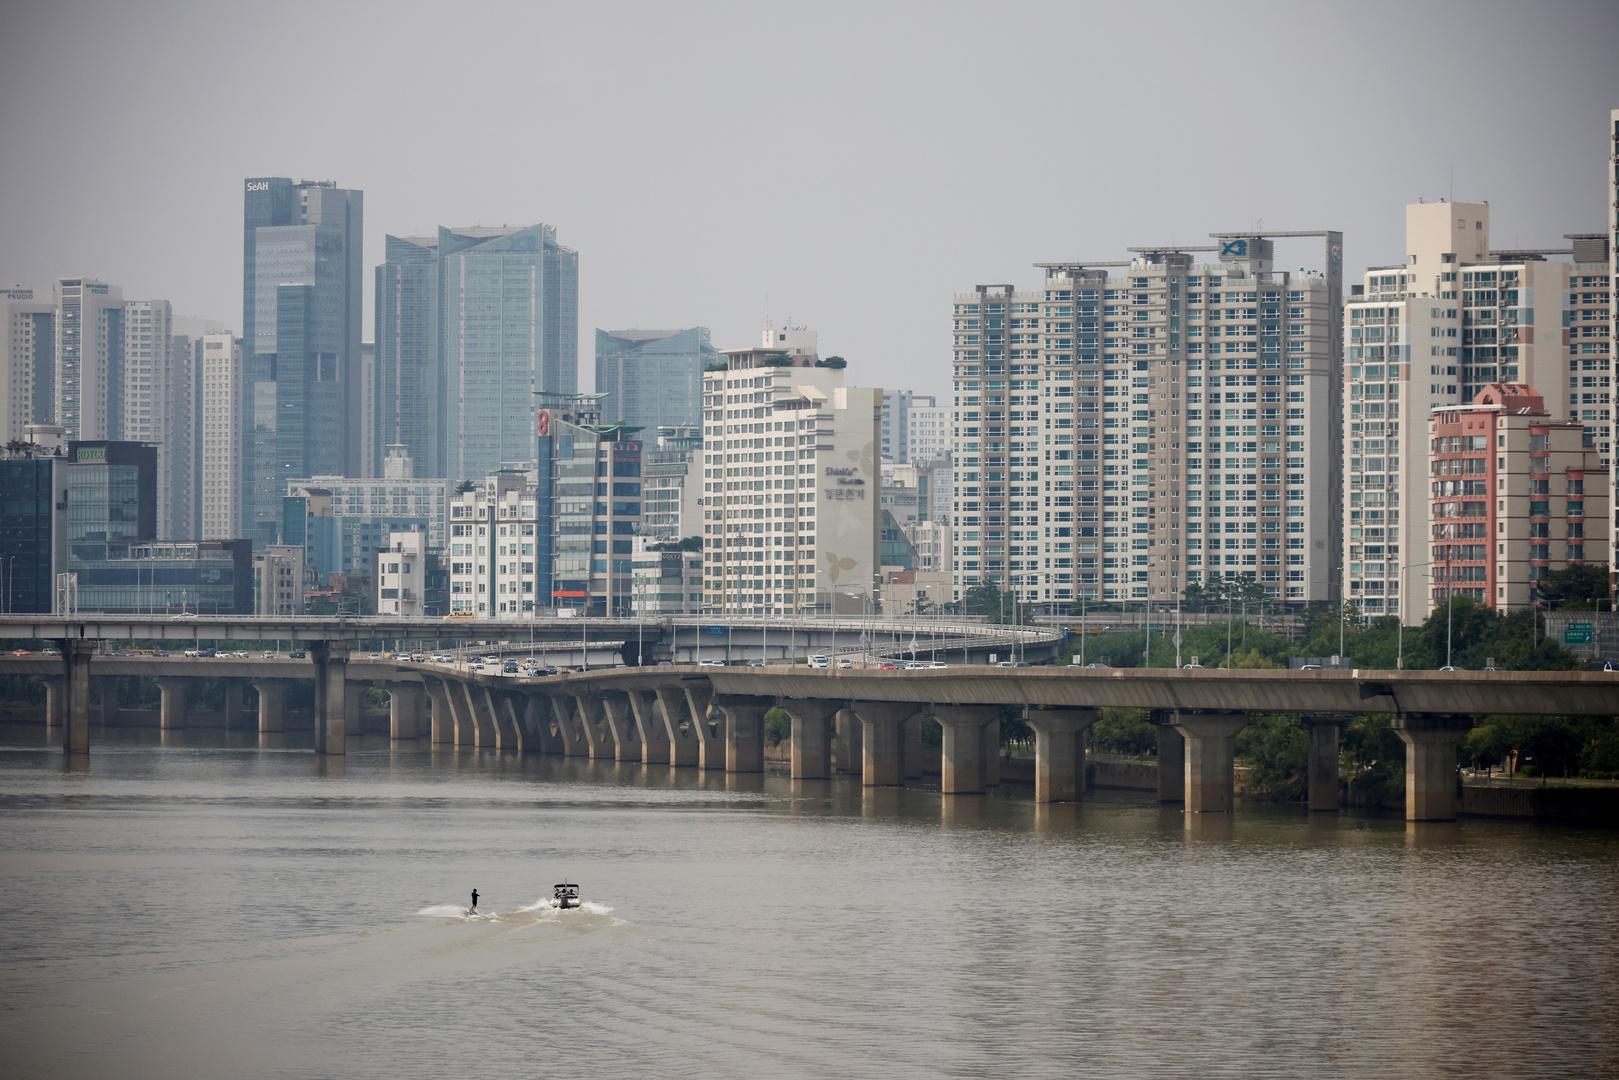 سيئول عاصمة كوريا الجنوبية.